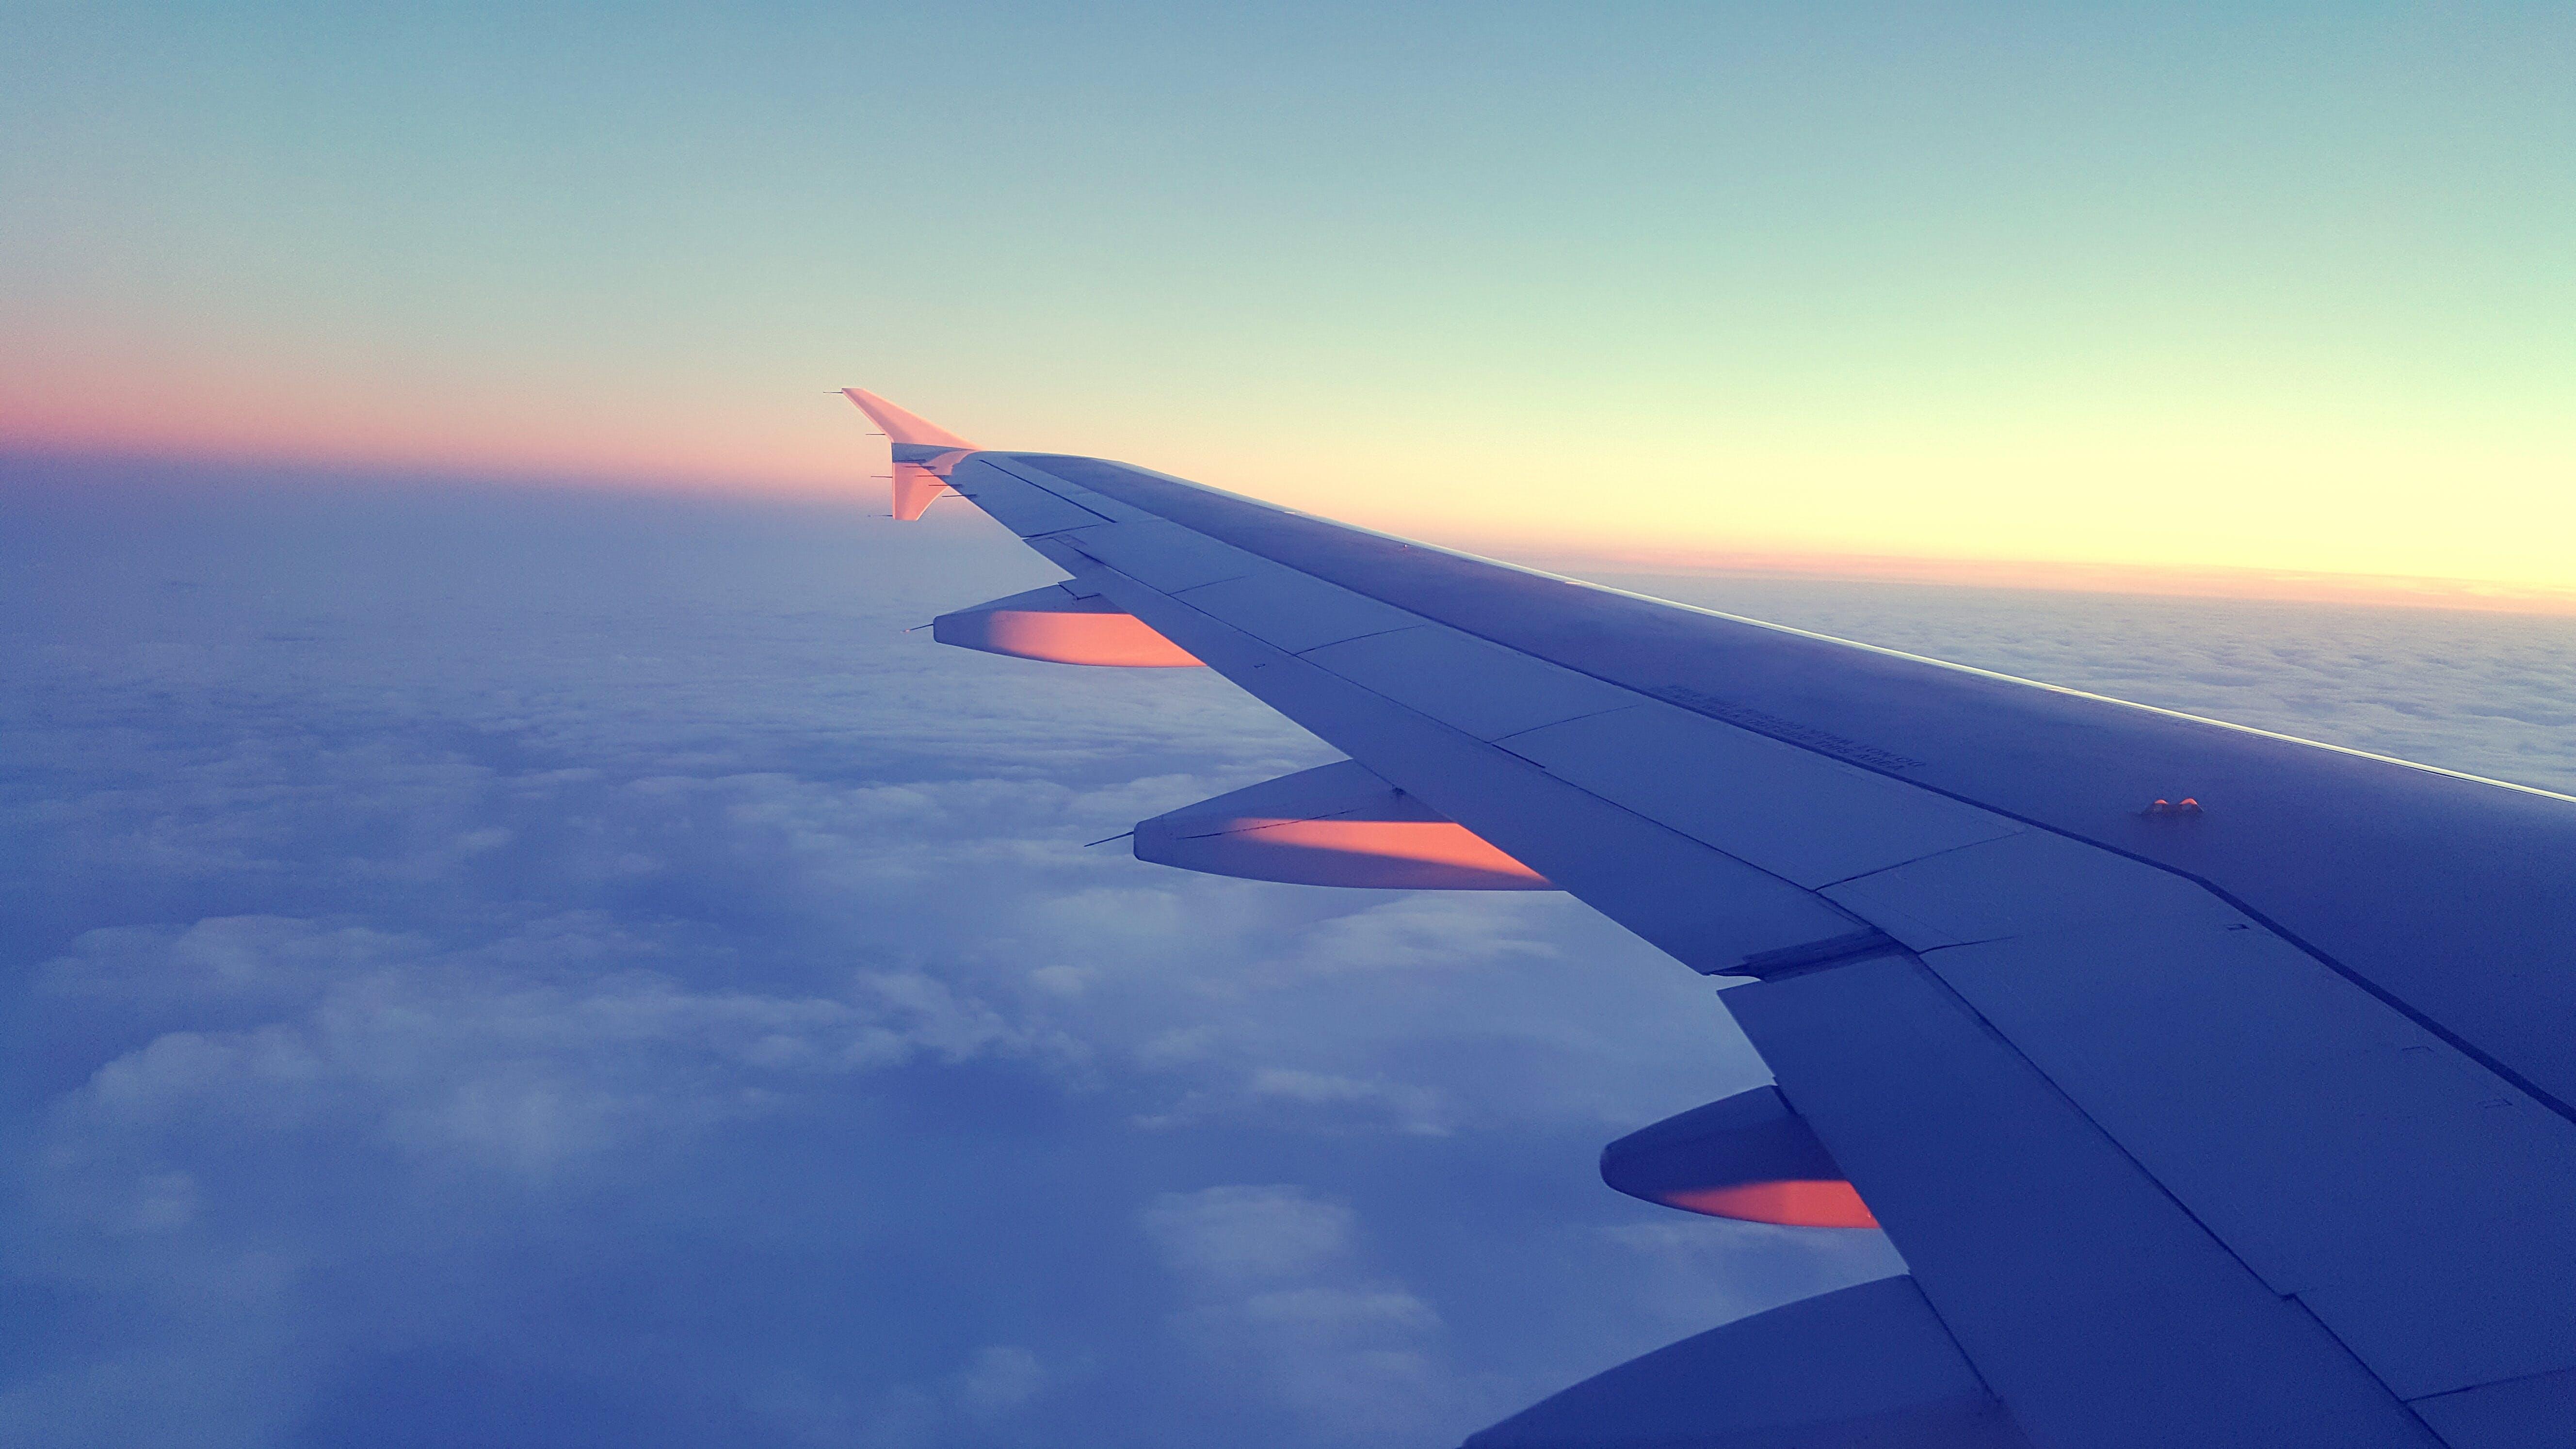 Kostenloses Stock Foto zu düsenflugzeug, flug, flugzeug, flugzeugflügel